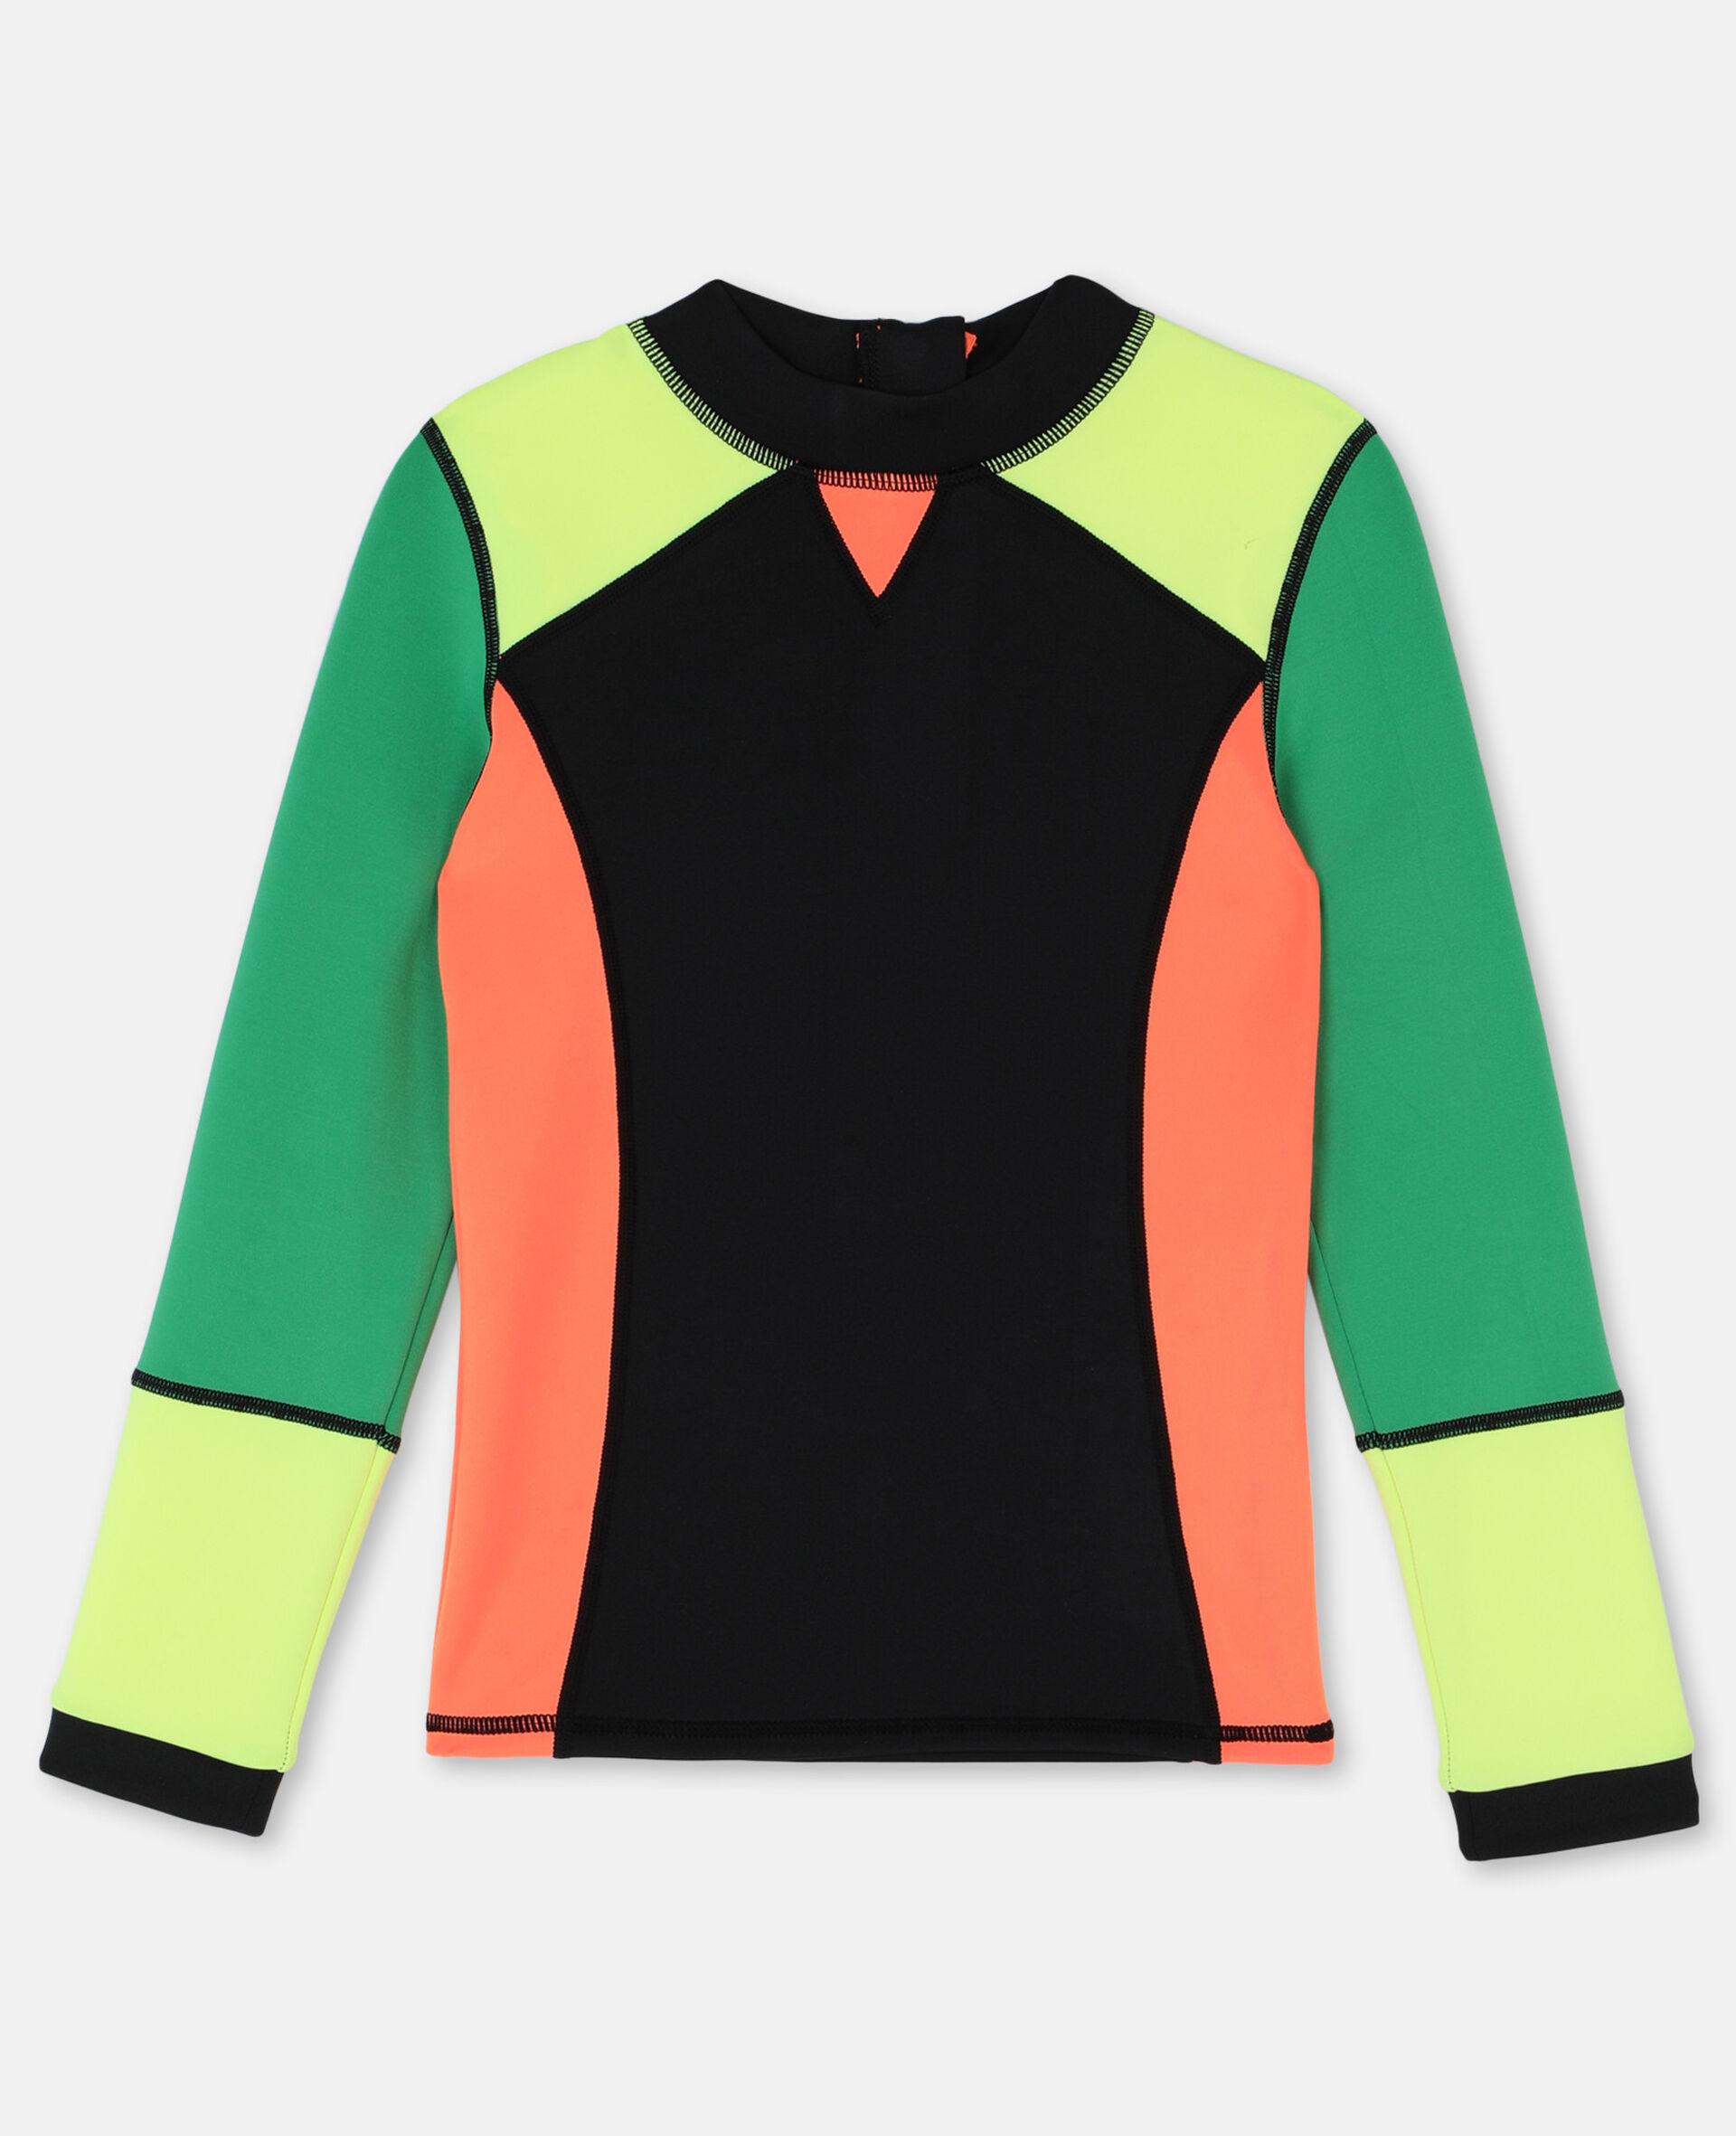 T-shirt de bain en néoprène multicolore -Fantaisie-large image number 0